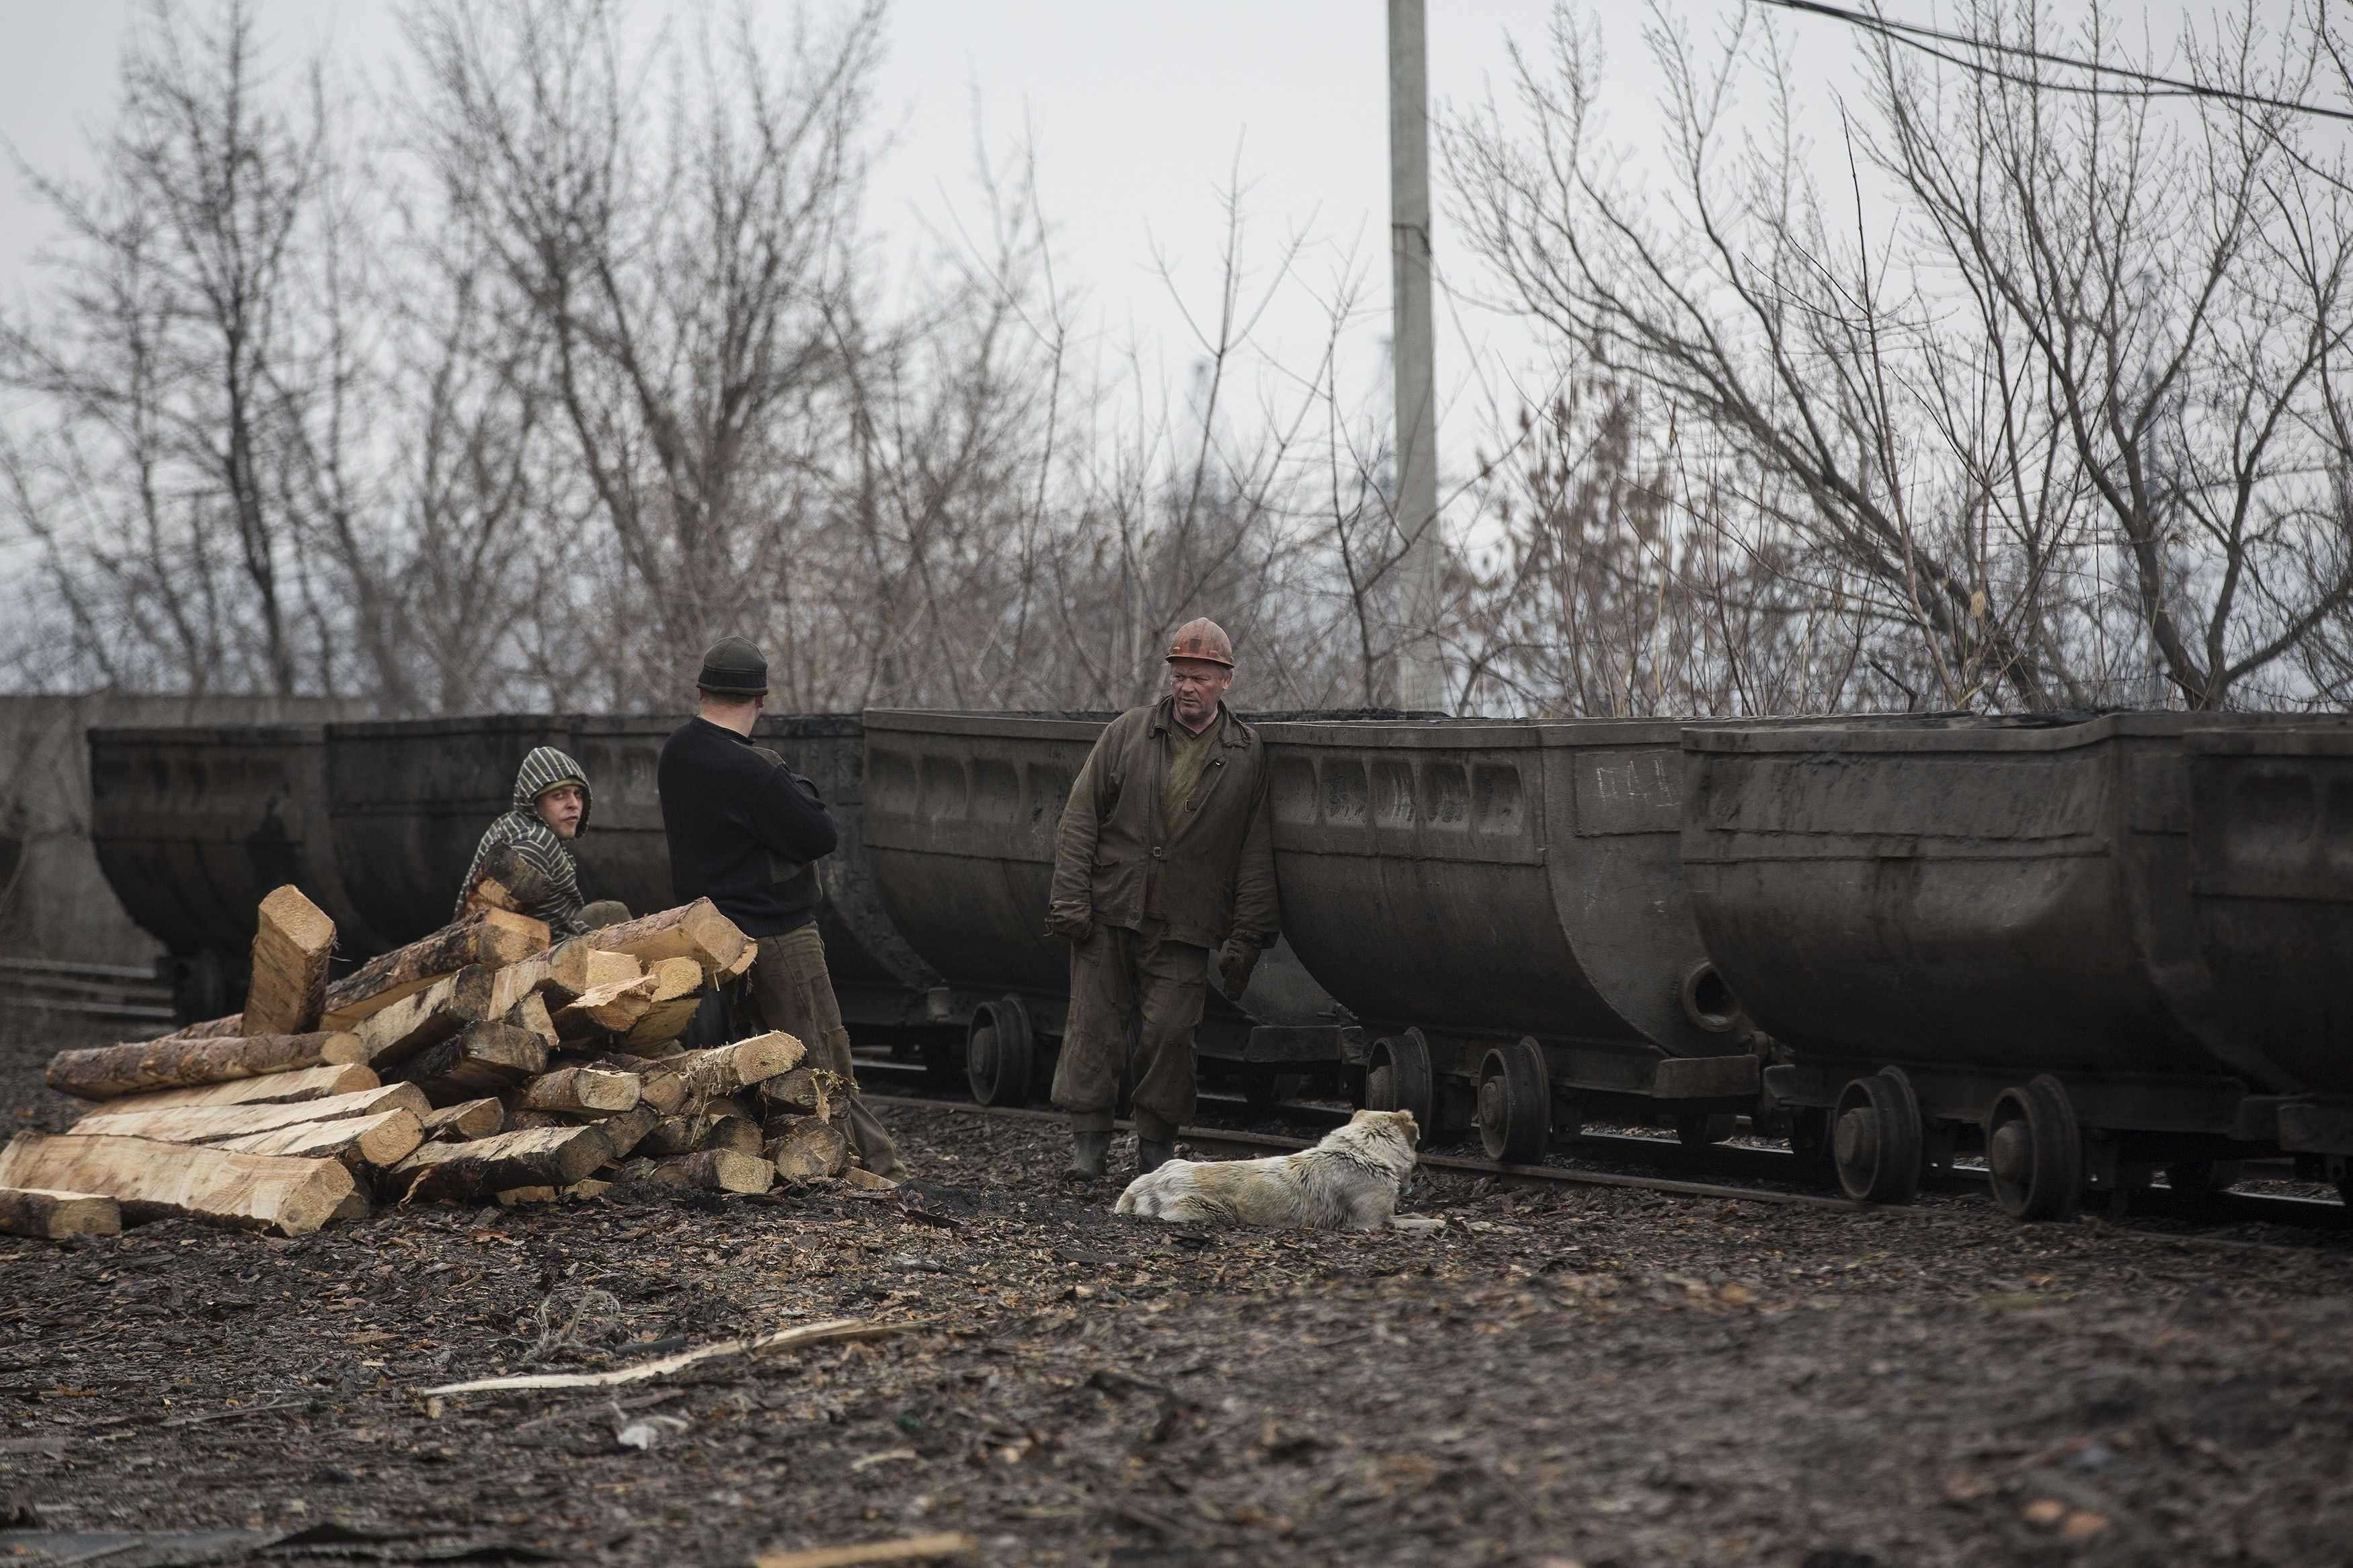 Mina explodiu em área reduto de rebeldes, próximo a Donetsk, e ao menos 30 pessoas morreram Foto: Baz Ratner/Reuters